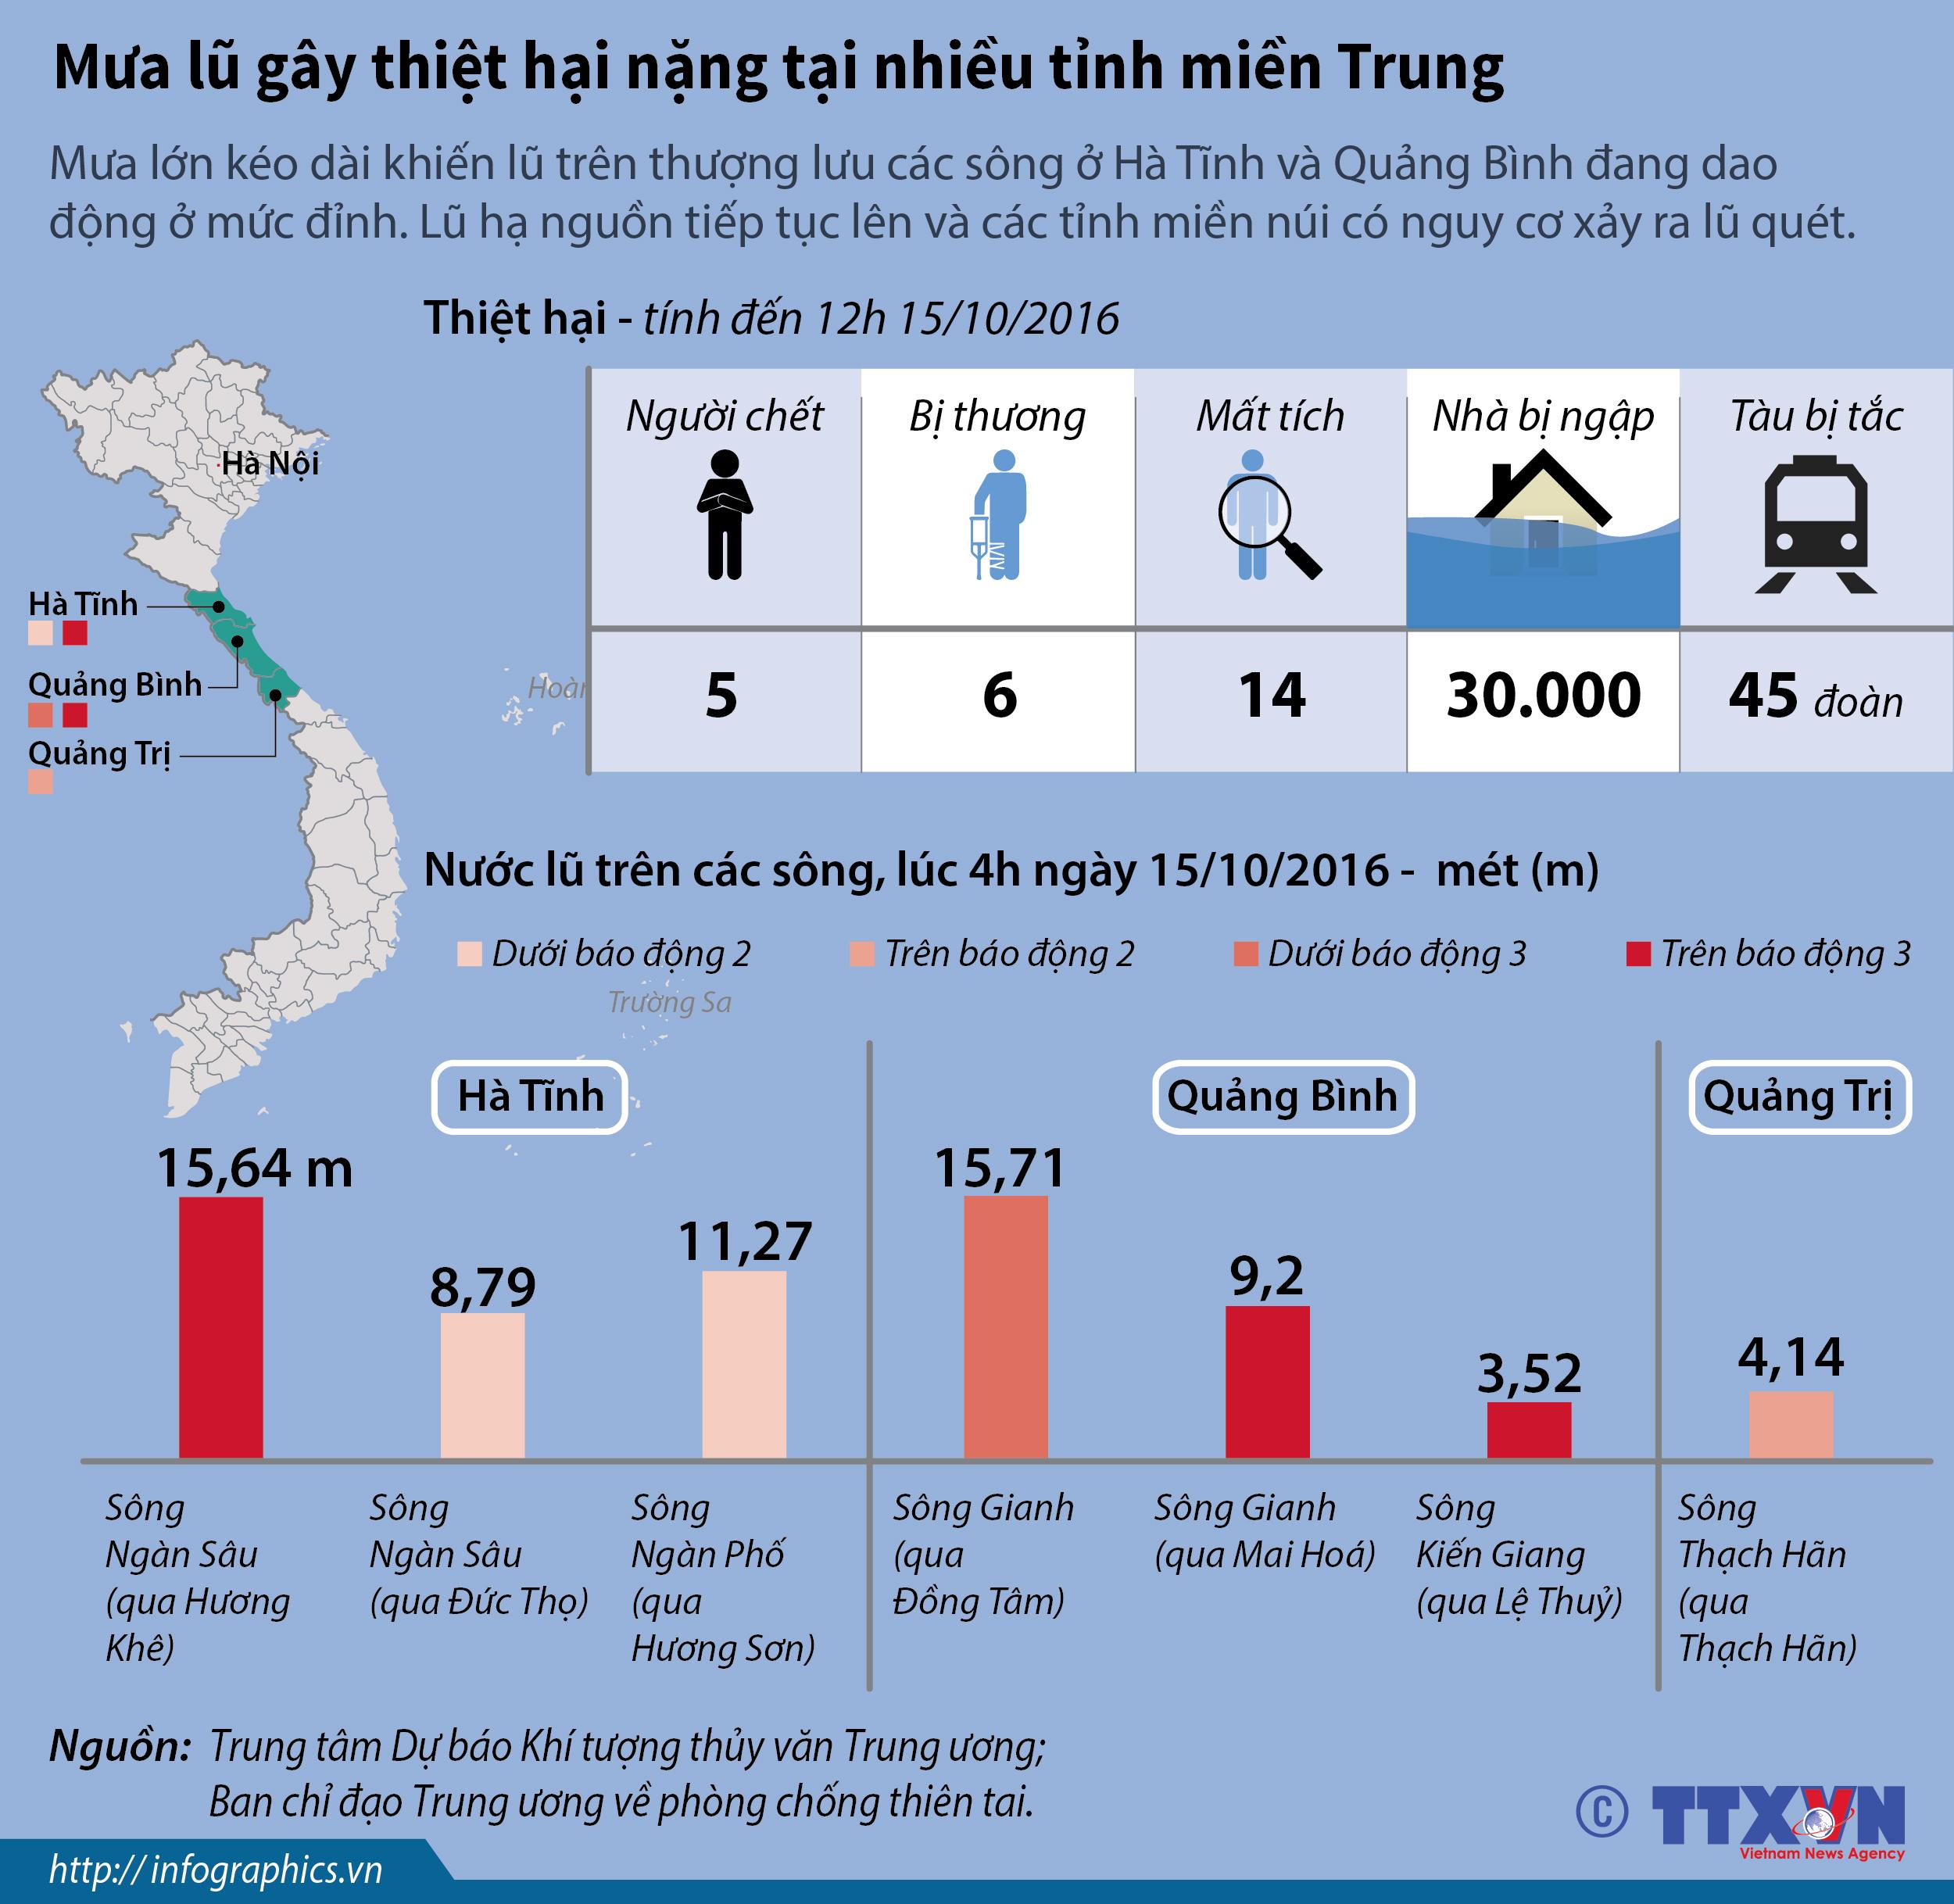 Đồ họa: Mưa lũ gây thiệt hại nặng tại nhiều tỉnh miền Trung